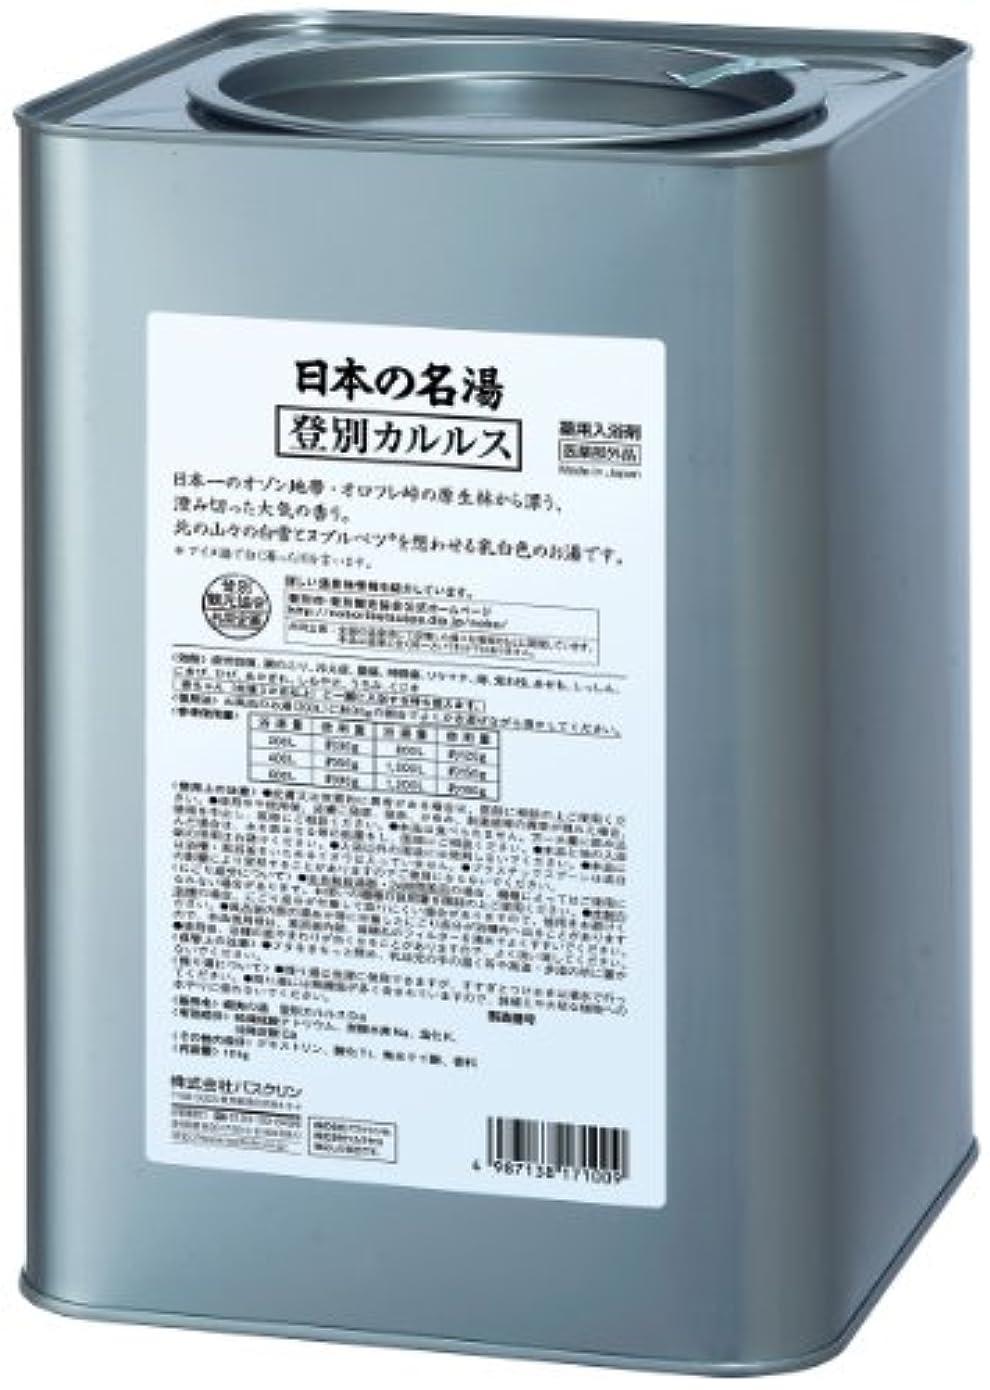 相続人マウスピース期待する【医薬部外品/業務用】日本の名湯入浴剤 登別カルルス(北海道)10kg 大容量 温泉成分 温泉タイプ